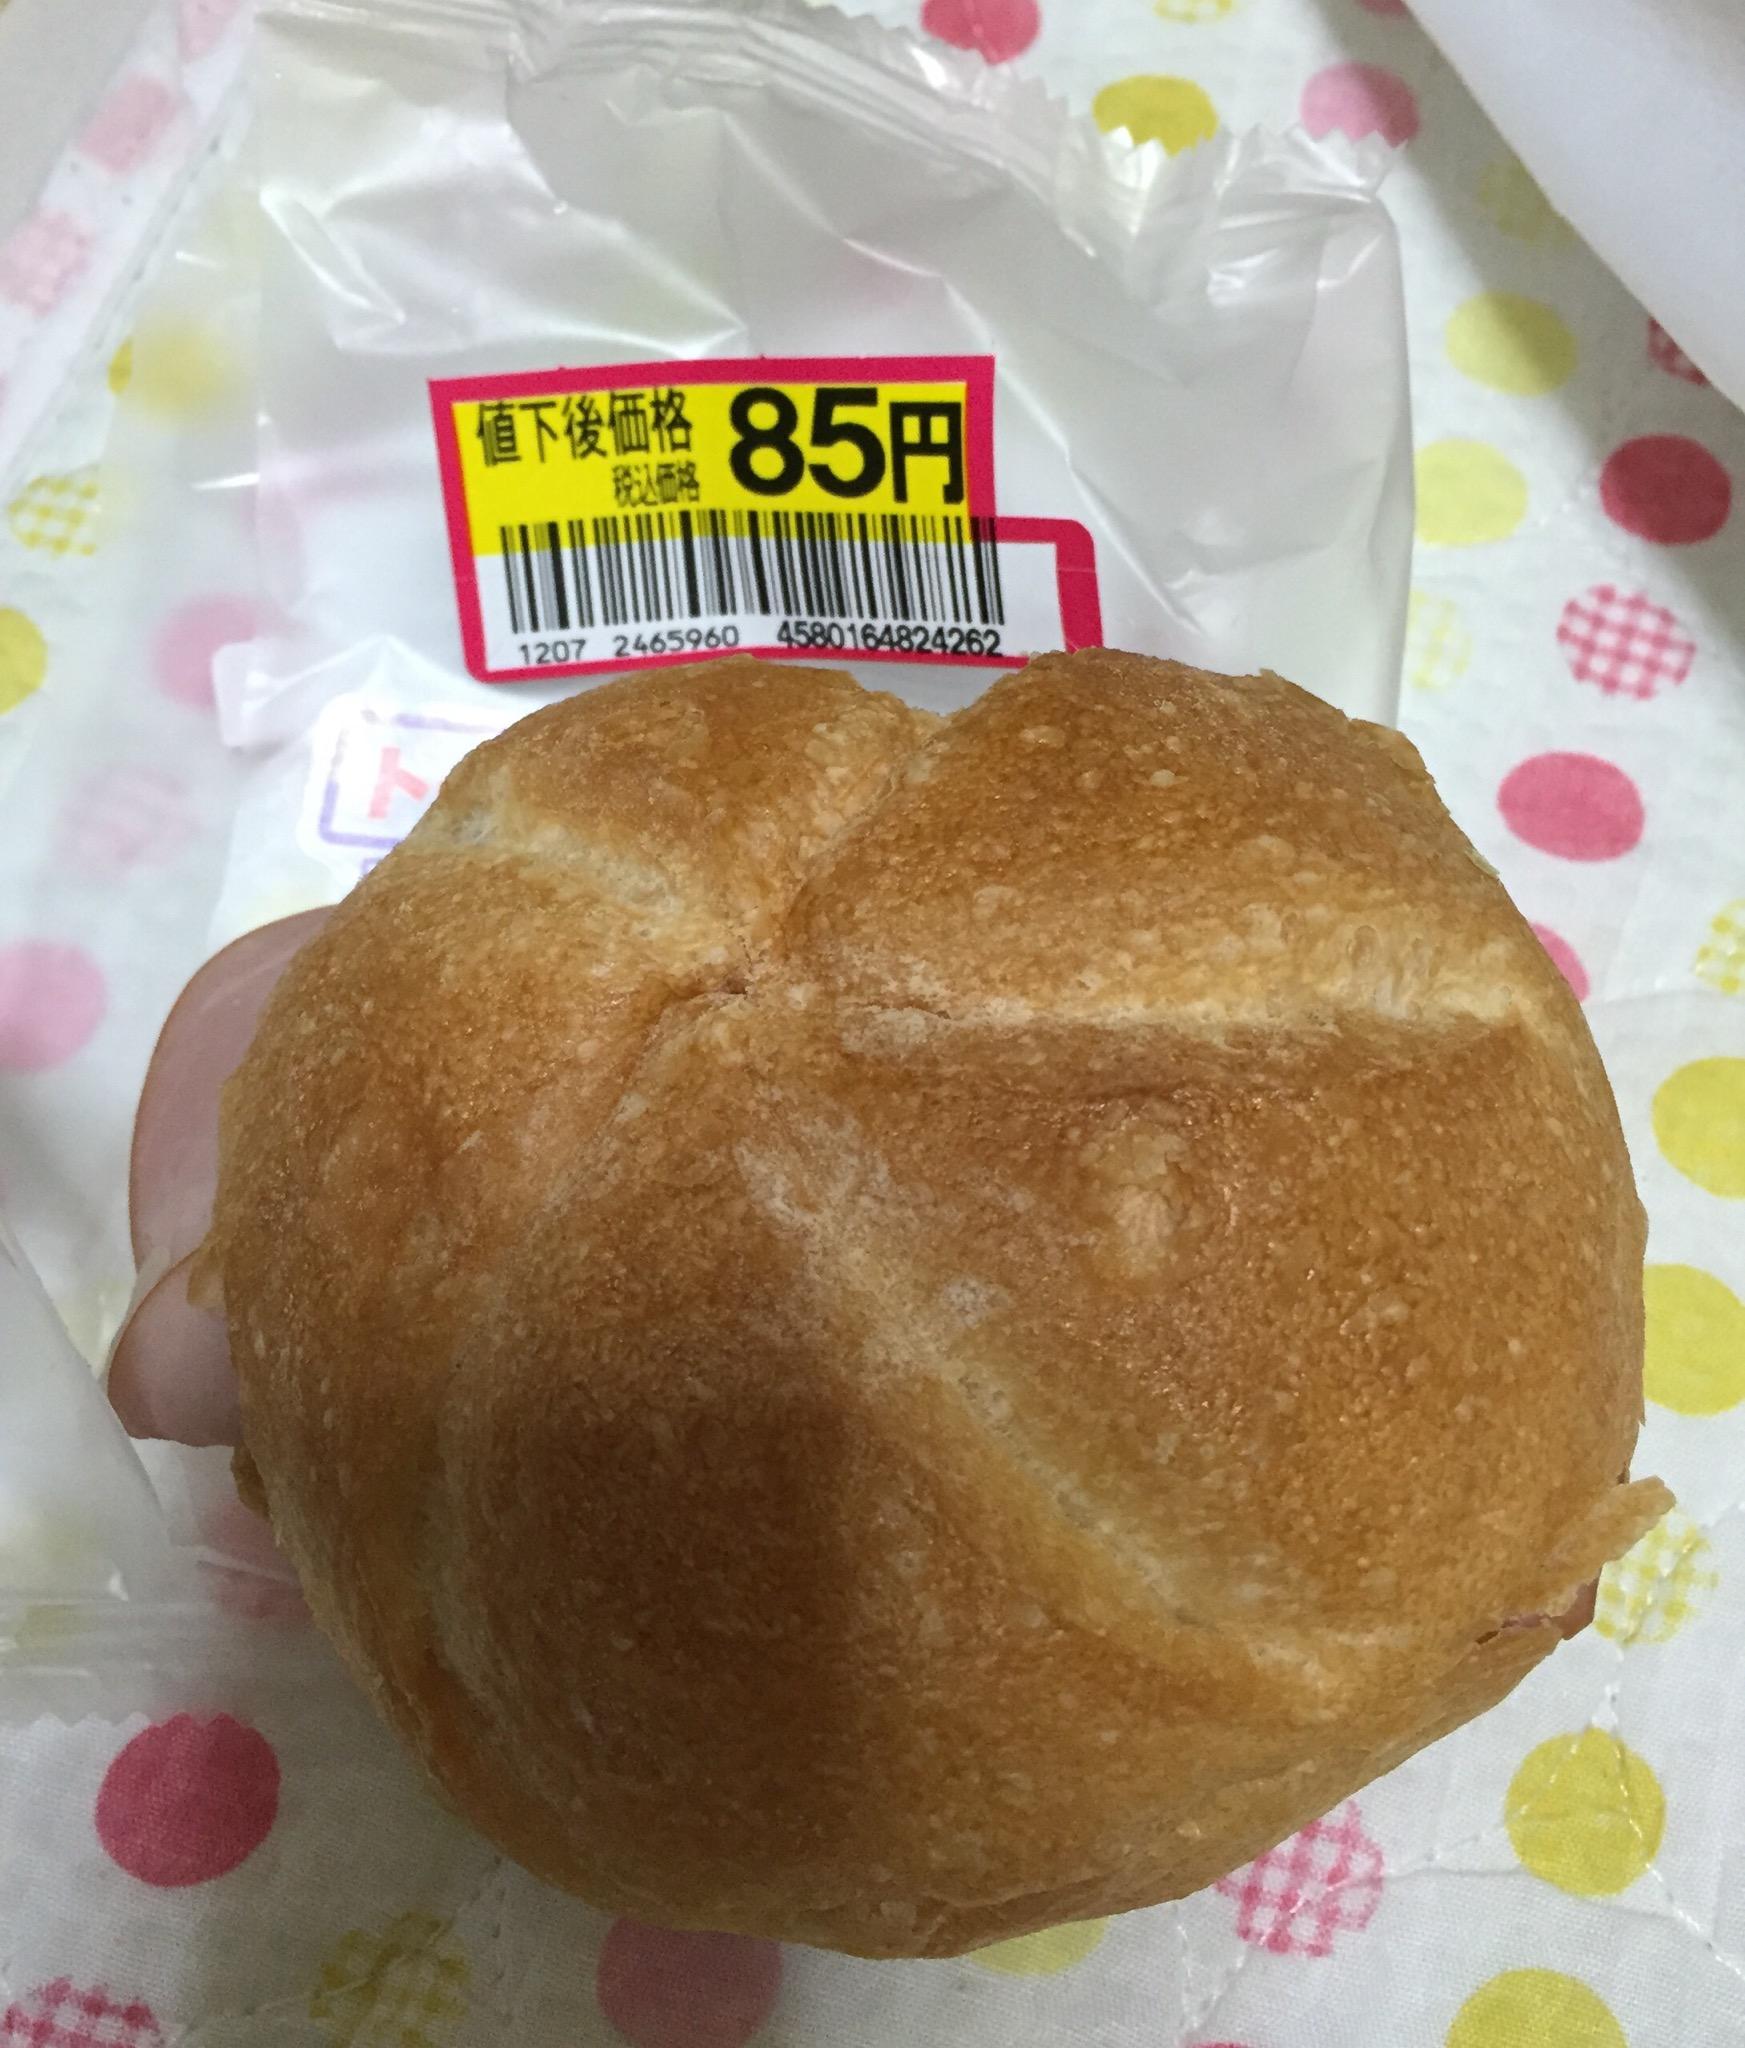 志津屋のカルネを半額で食べるには8時にイオンモールに行く事!